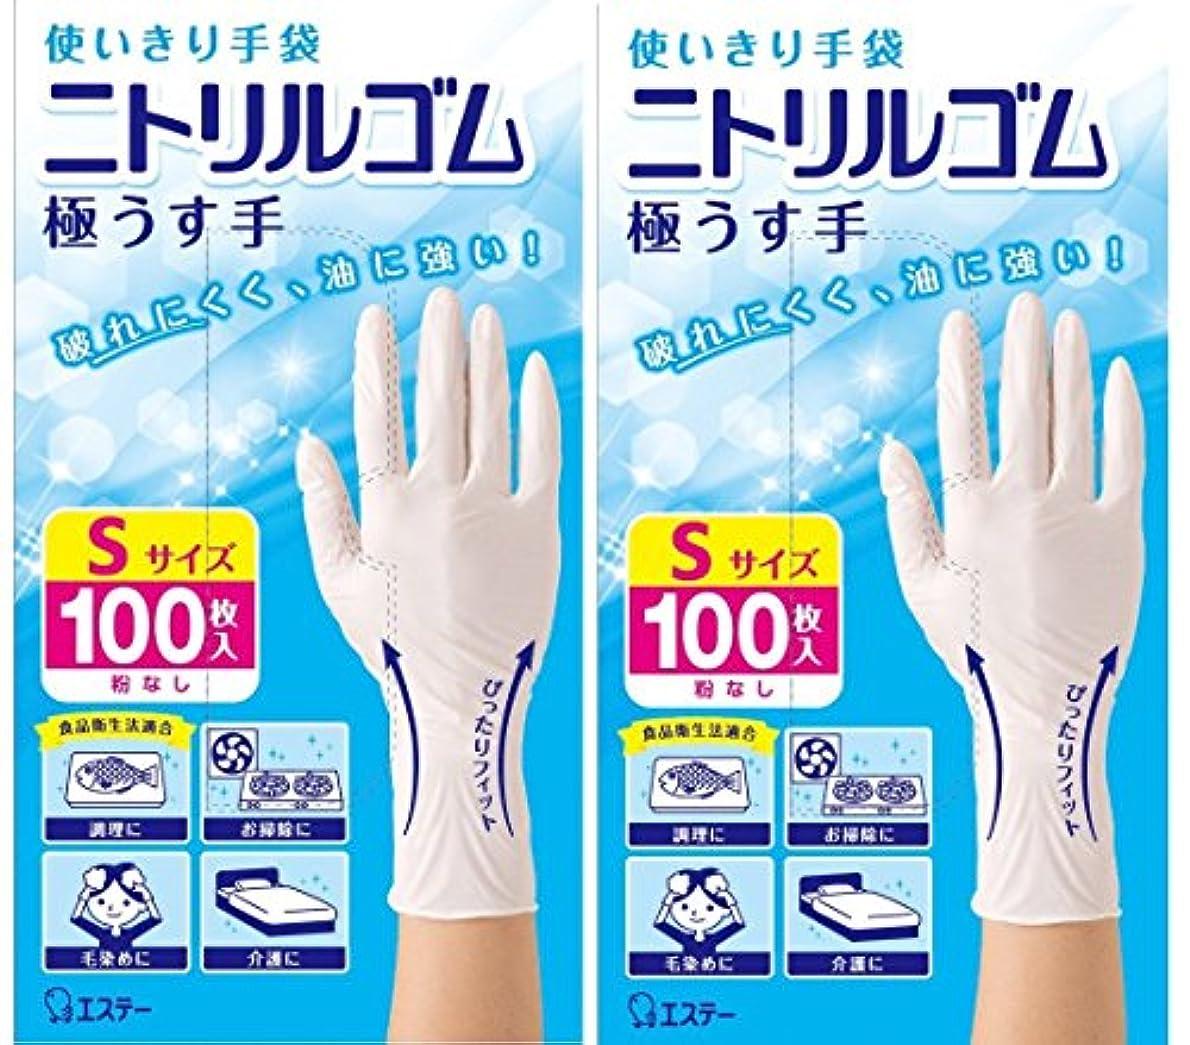 コンサート極小細胞【お徳用 2 セット】 使いきり手袋 ニトリルゴム 極うす手 ホワイト 粉なし Sサイズ 100枚入×2セット